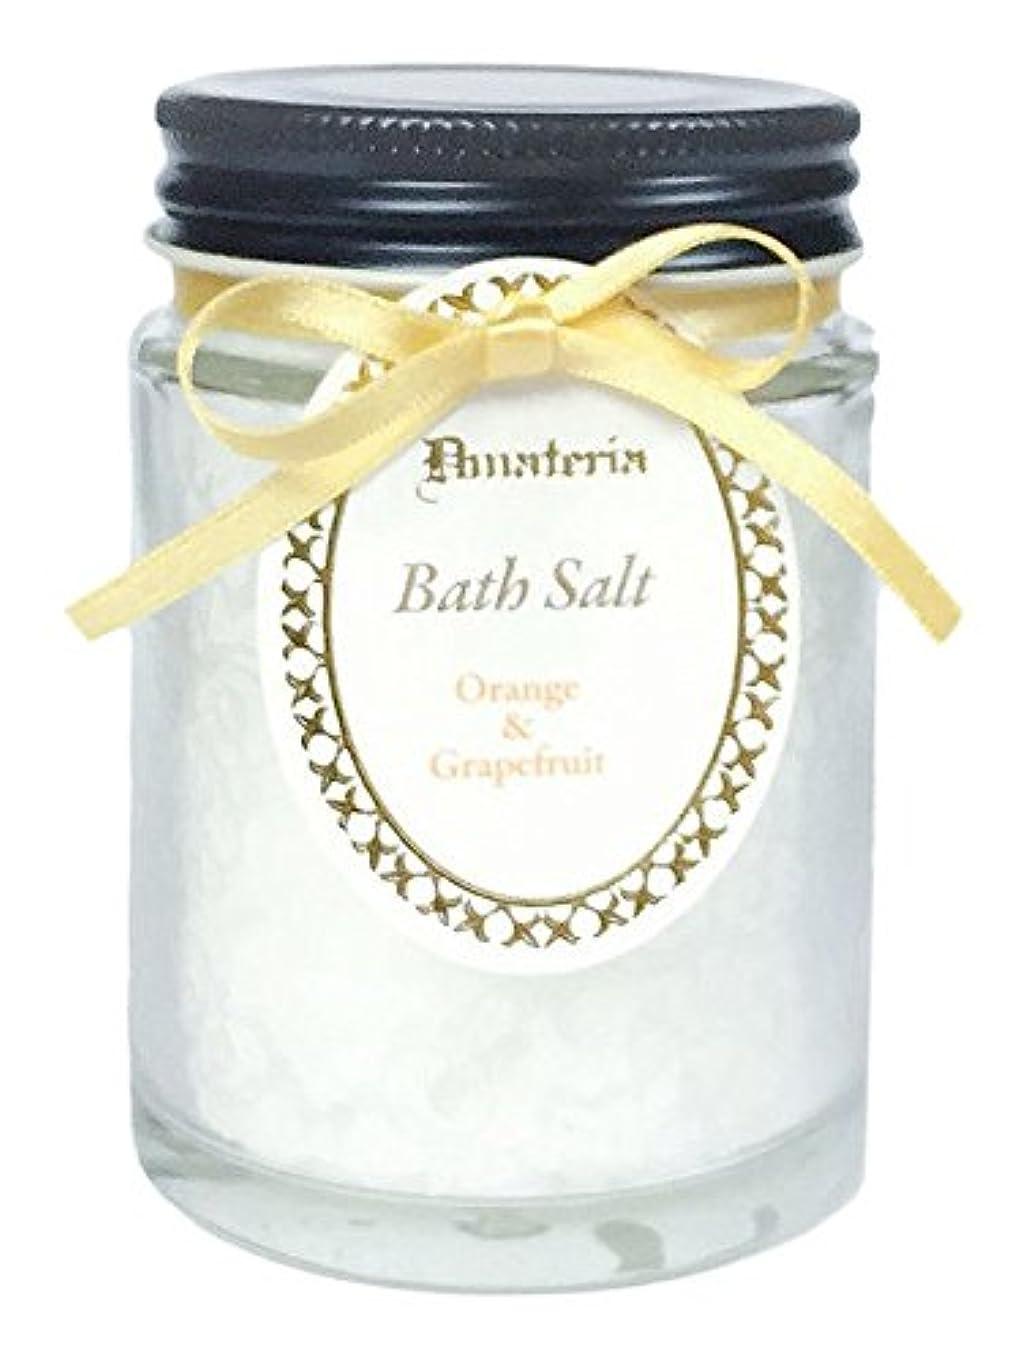 裁判所生き残ります罪D materia バスソルト オレンジ&グレープフルーツ Orange&Grapefruit Bath Salt ディーマテリア